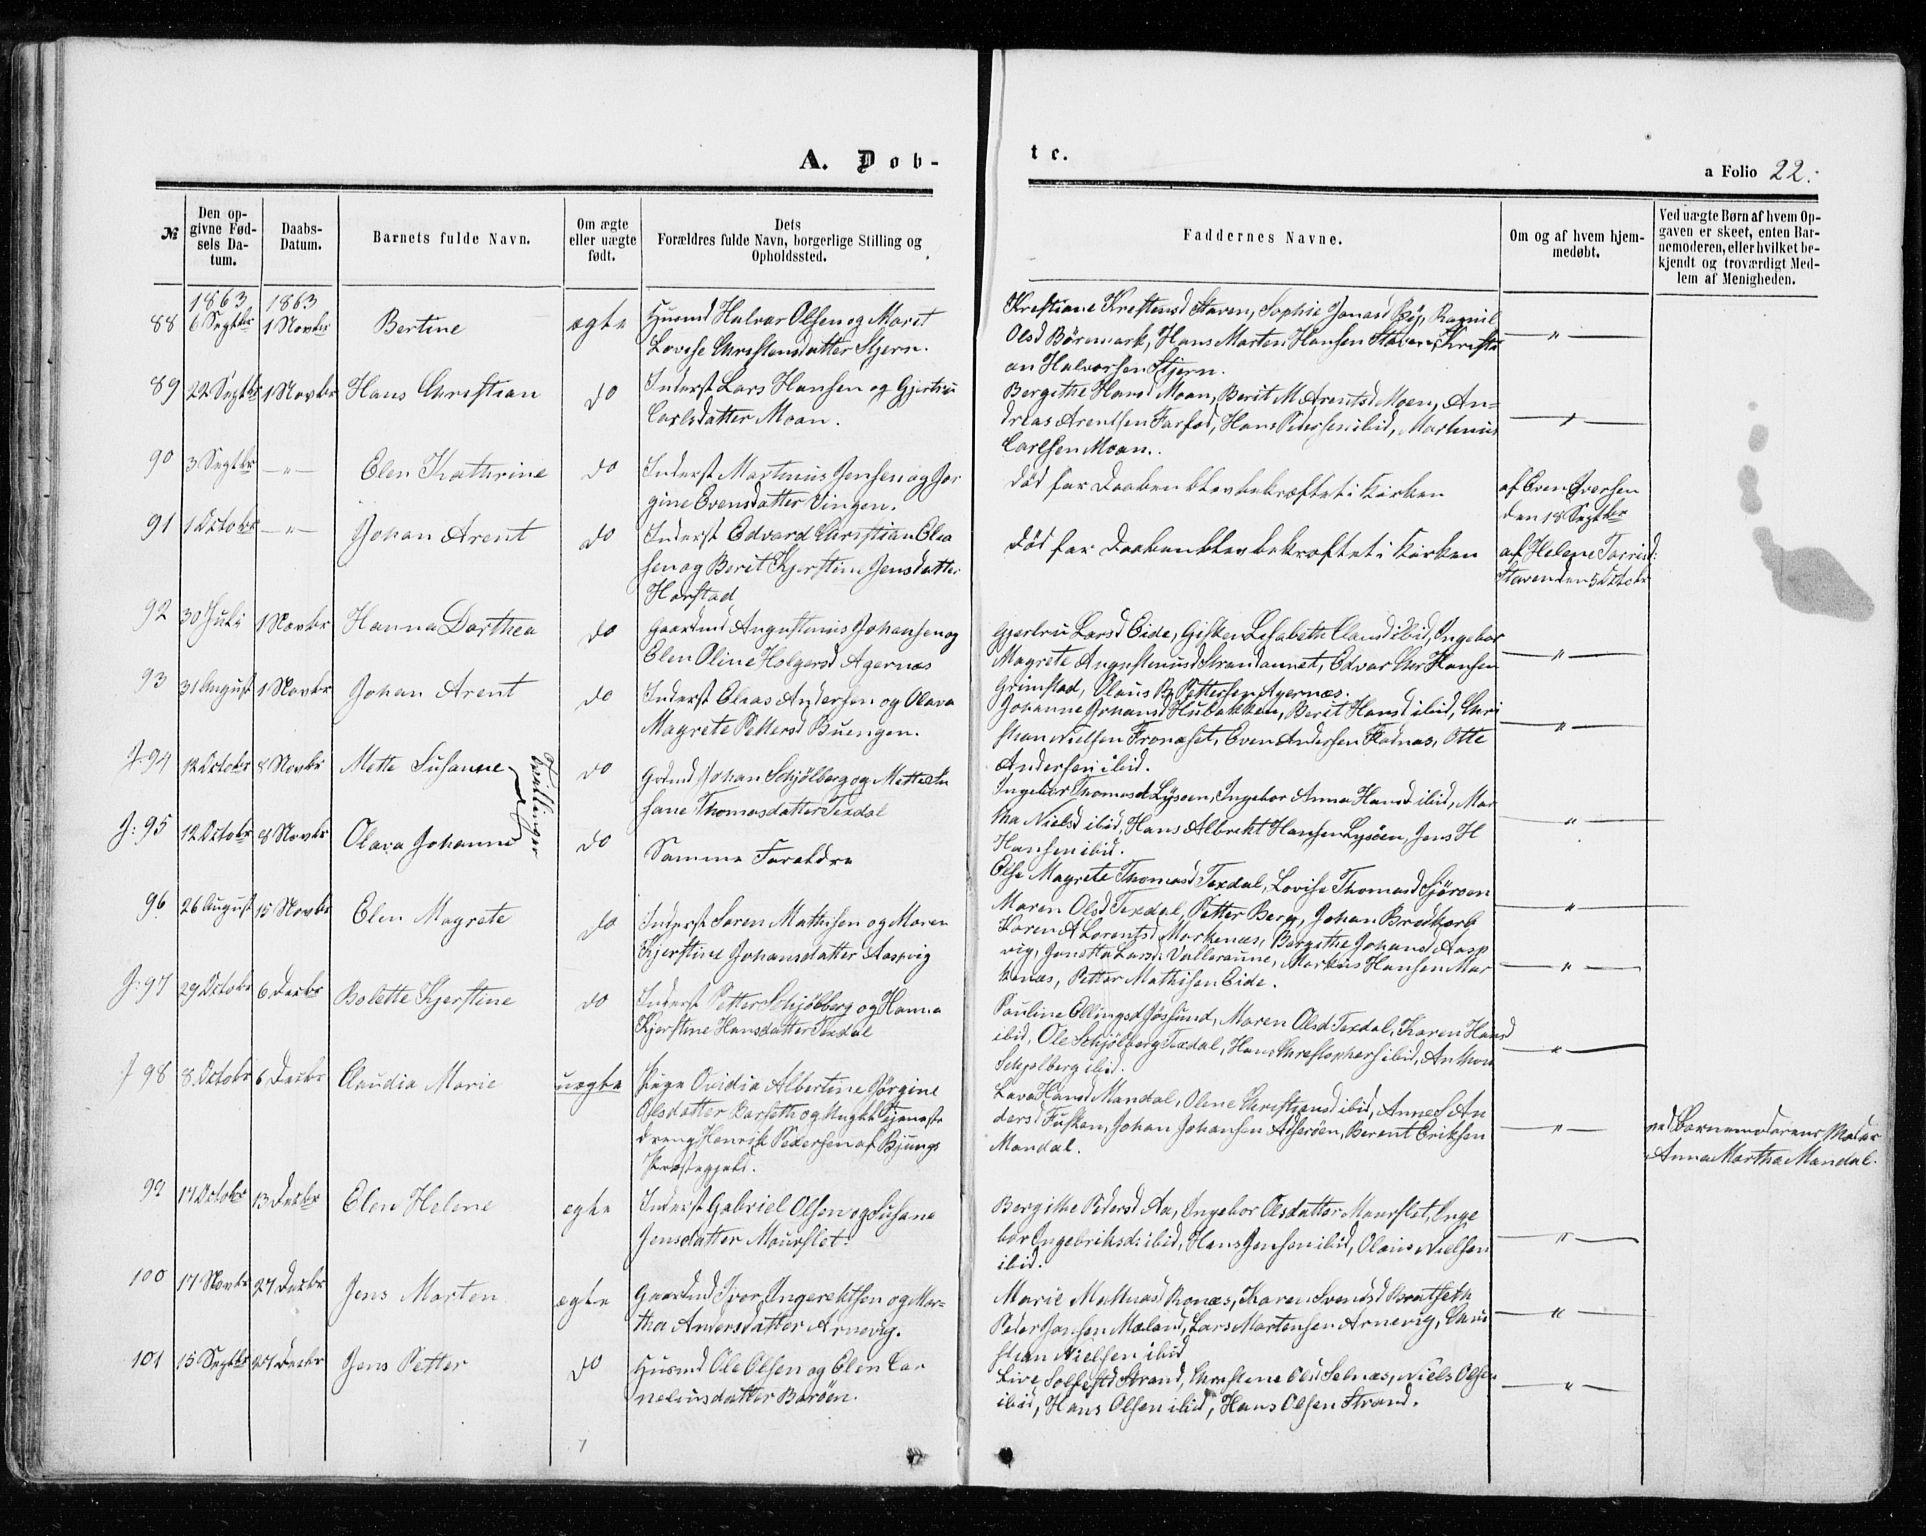 SAT, Ministerialprotokoller, klokkerbøker og fødselsregistre - Sør-Trøndelag, 655/L0678: Ministerialbok nr. 655A07, 1861-1873, s. 22